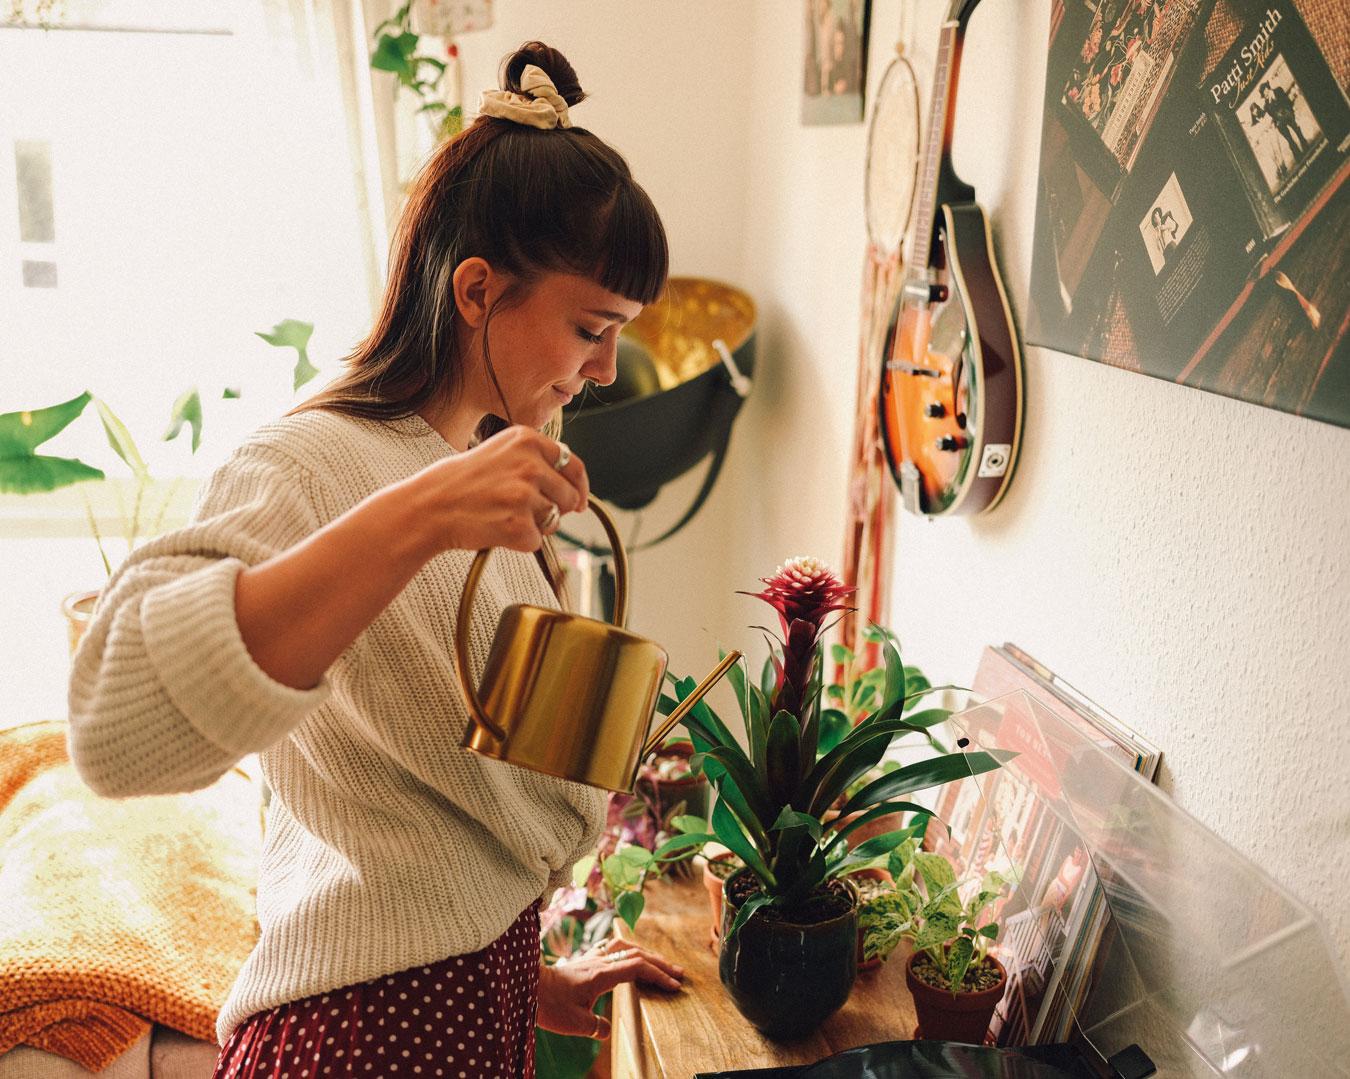 Frau gießt Pflanzen Bromelien